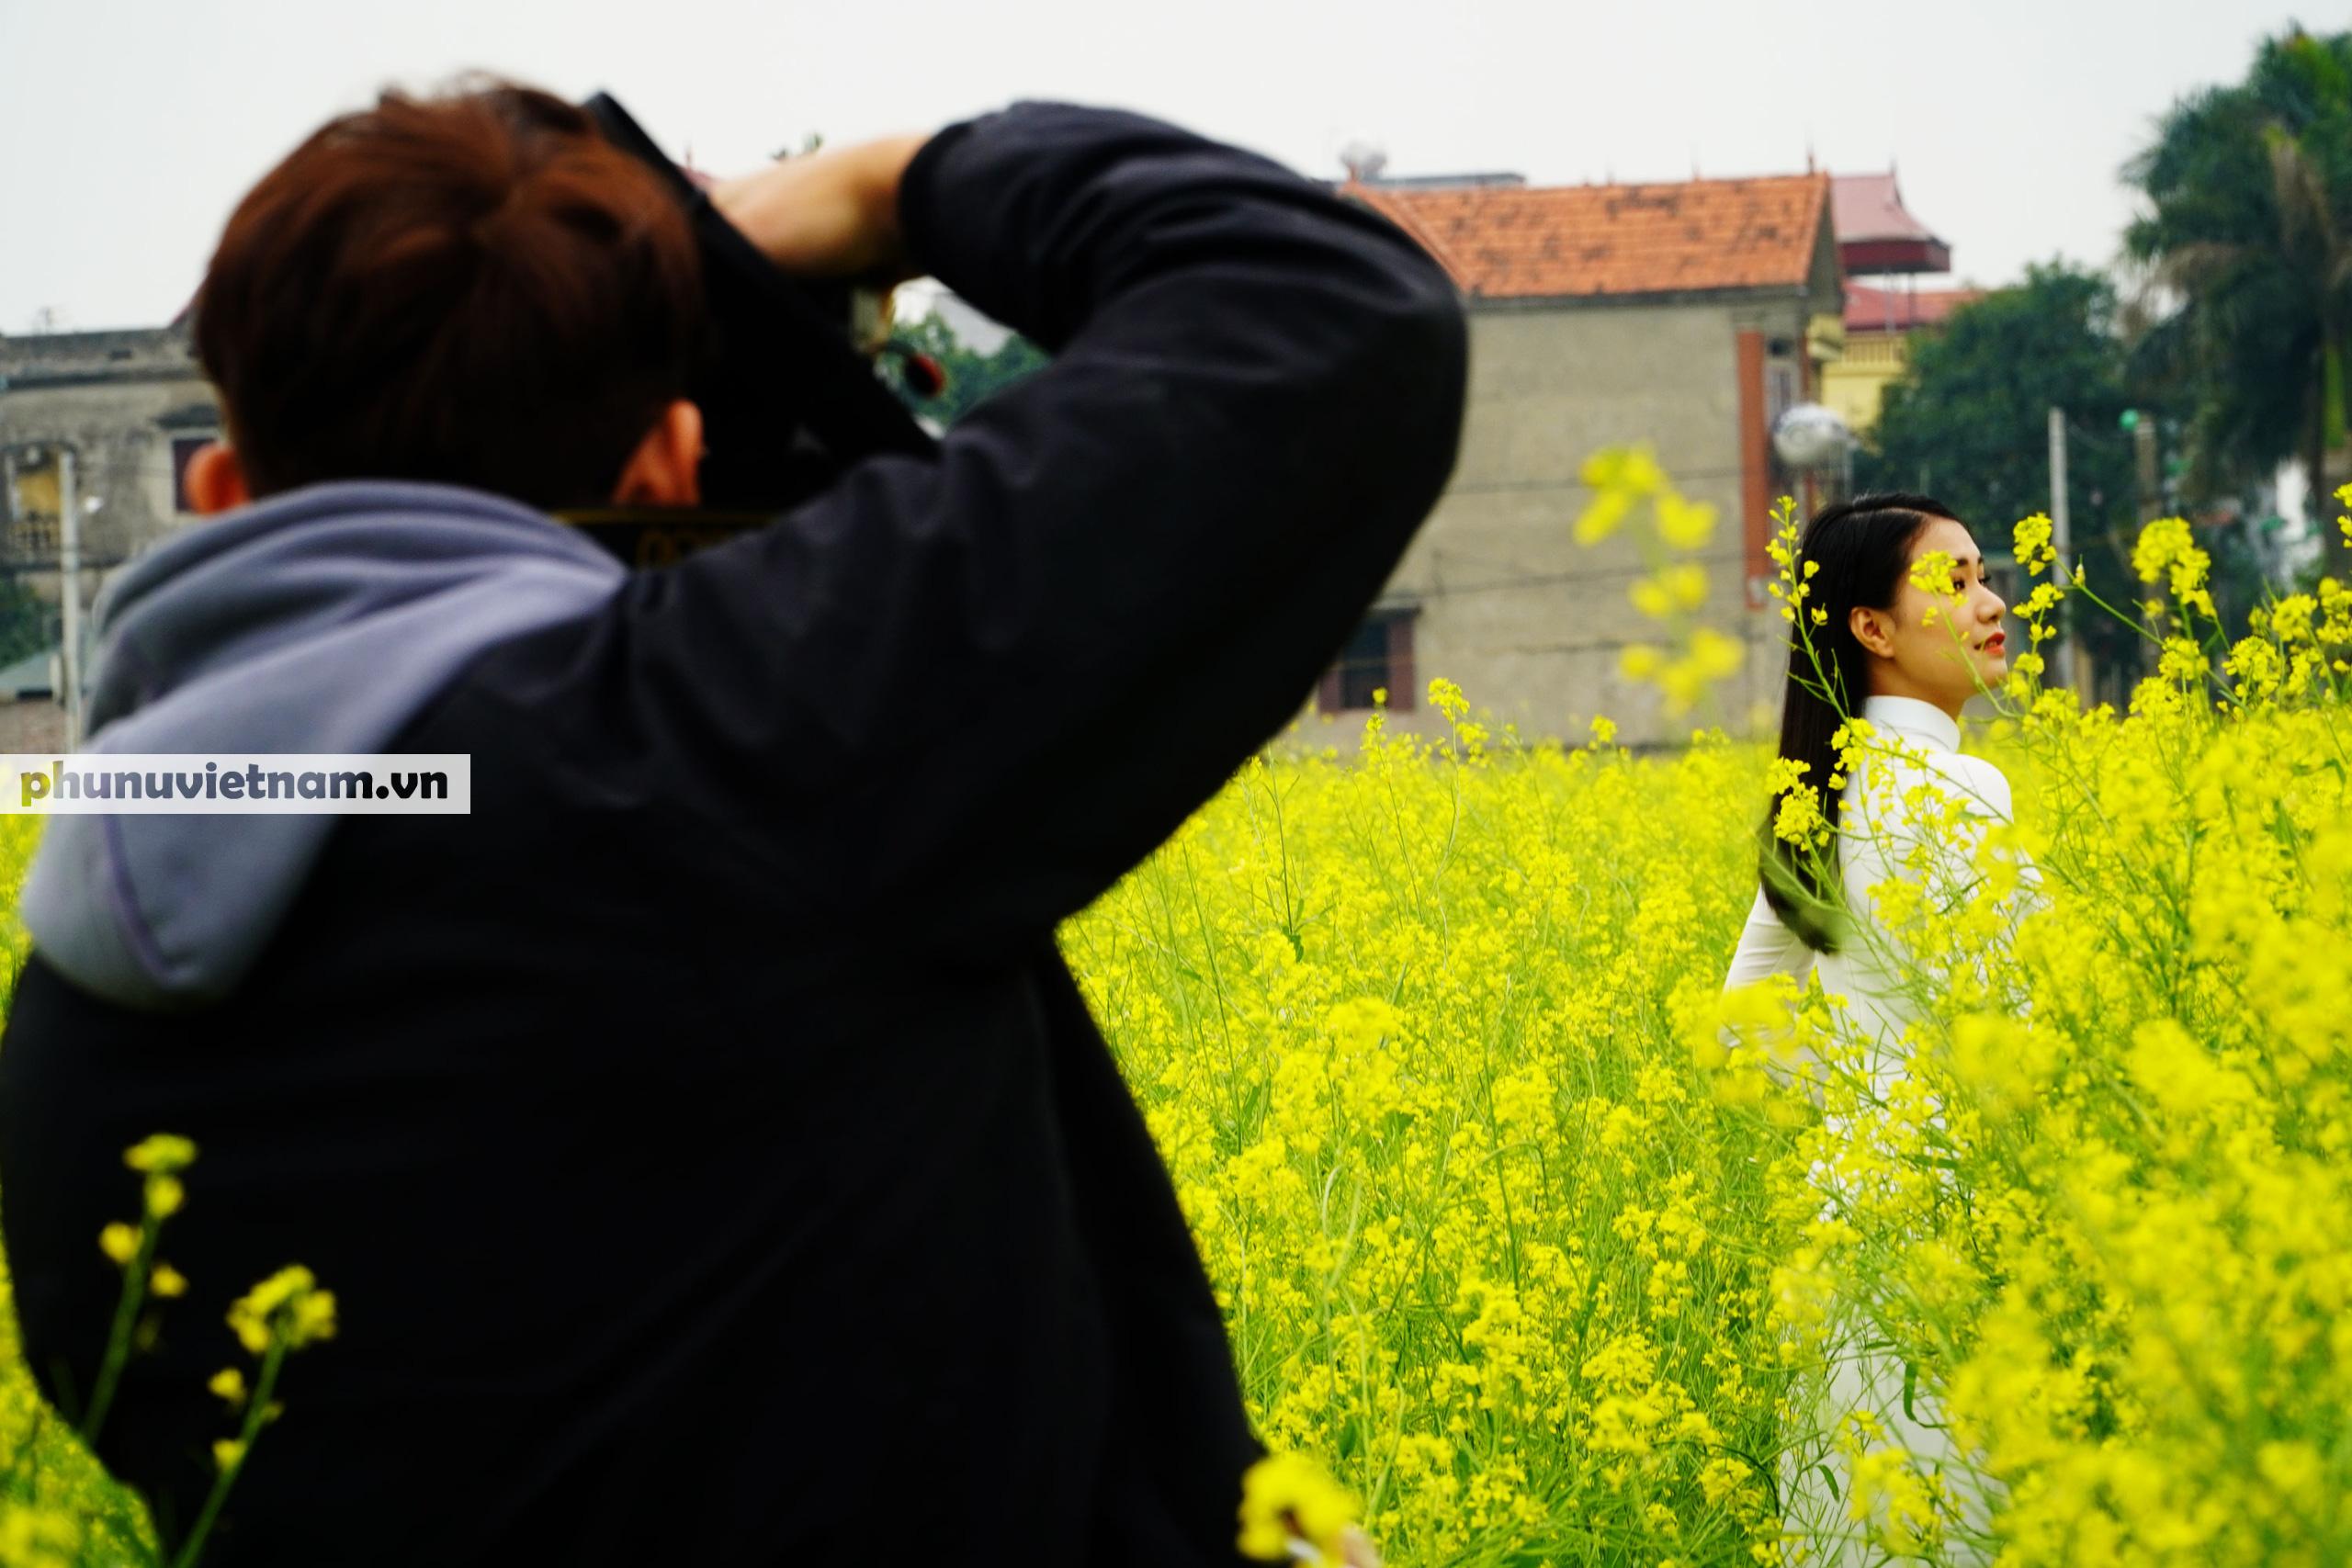 Thiếu nữ áo trắng đẹp hút lòng người trên cánh đồng hoa cải vàng ở Chi Đông - Ảnh 5.